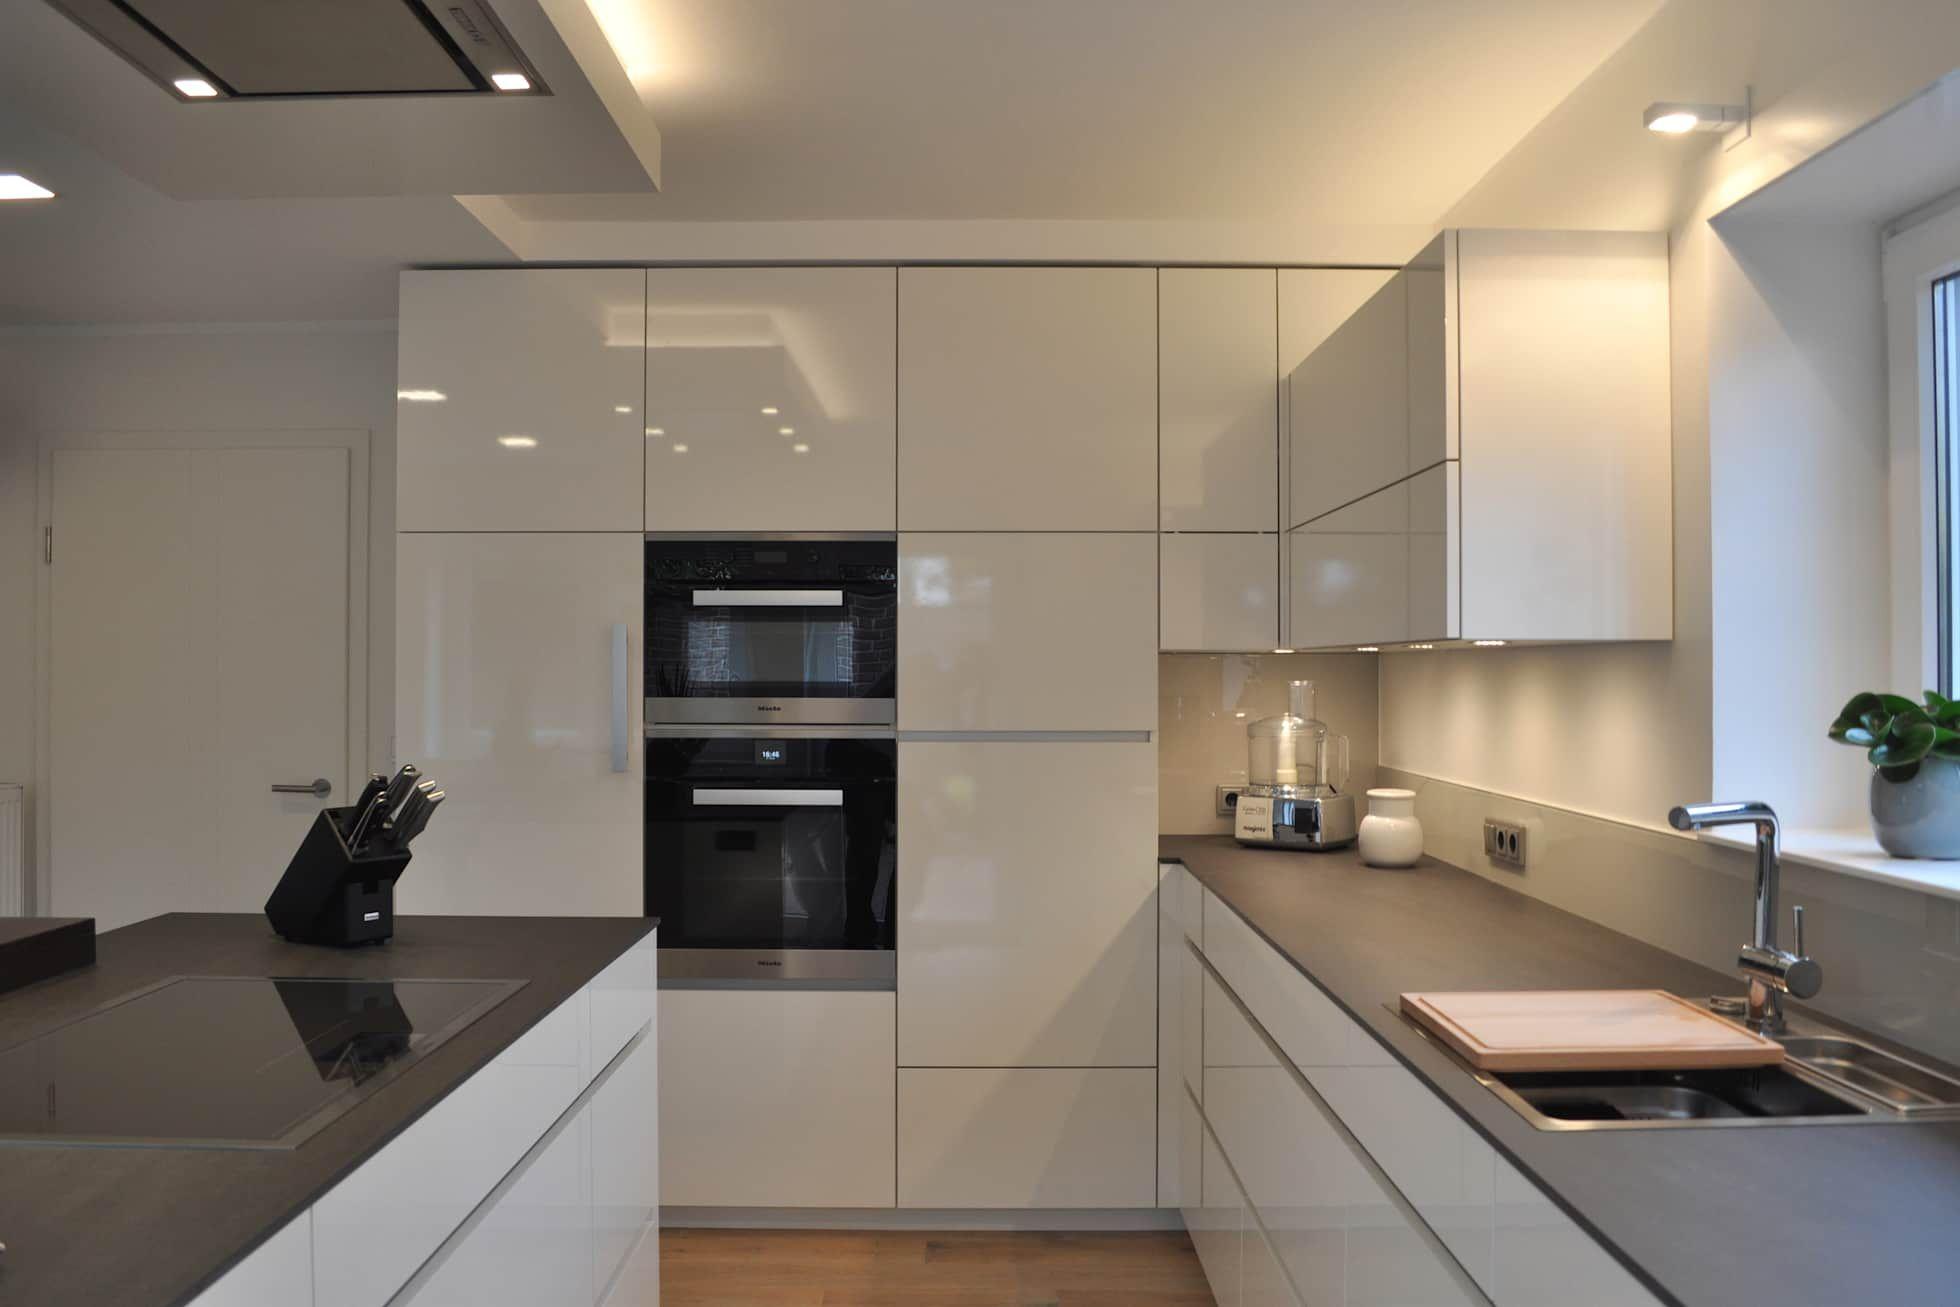 Küchenplan grundriss küche nach maß im münsterland moderne küche von klocke